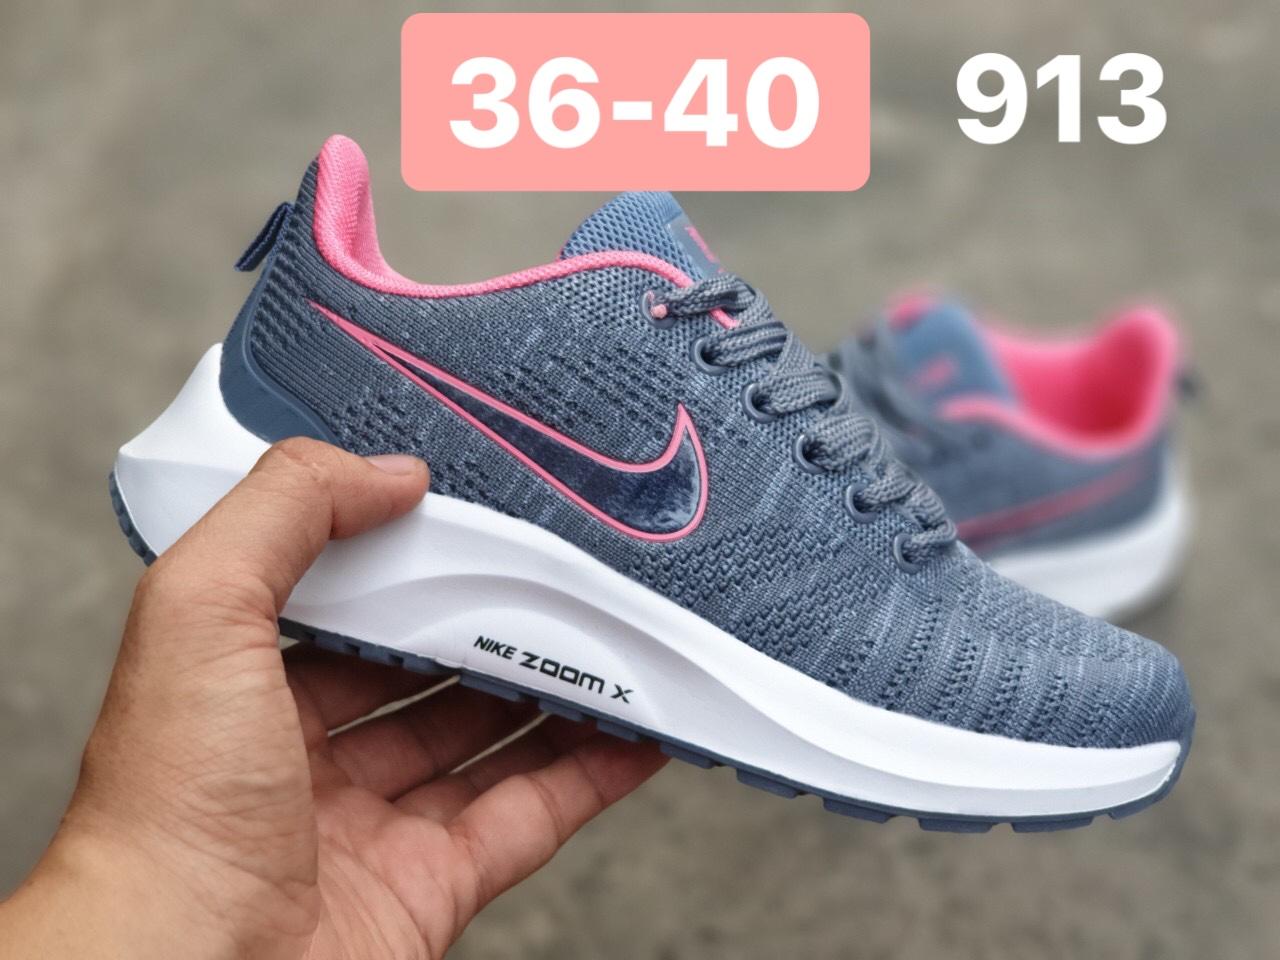 Giày Nike Zoom nữ F20 màu hồng